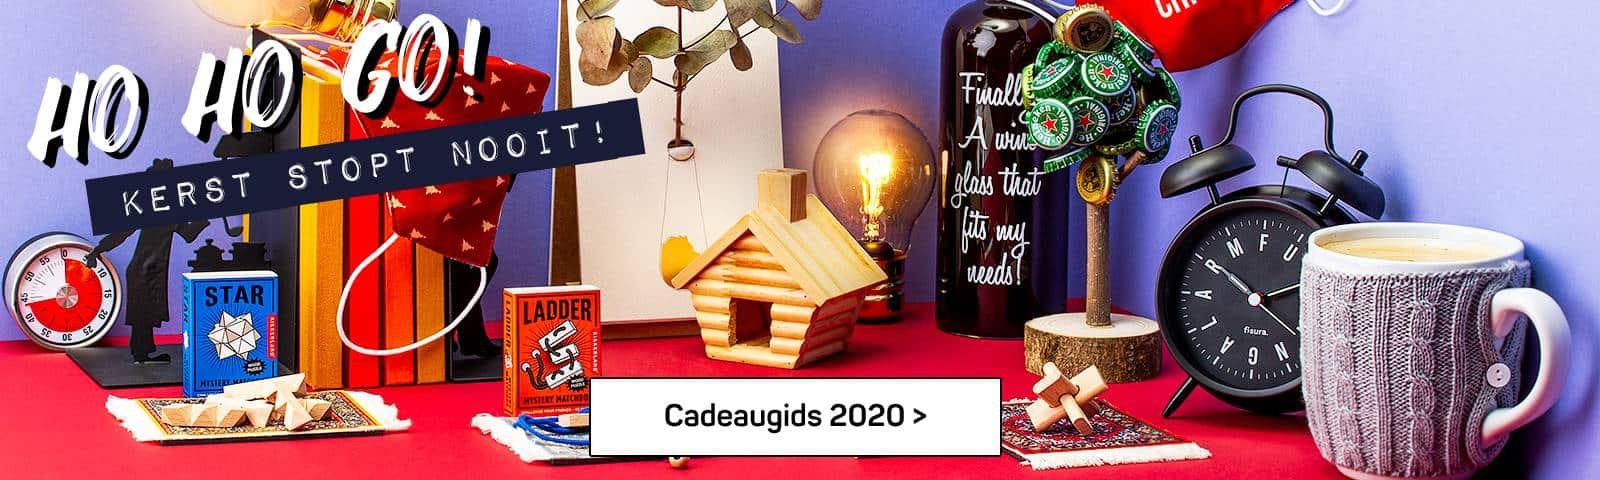 Kerst cadeaugids 2020